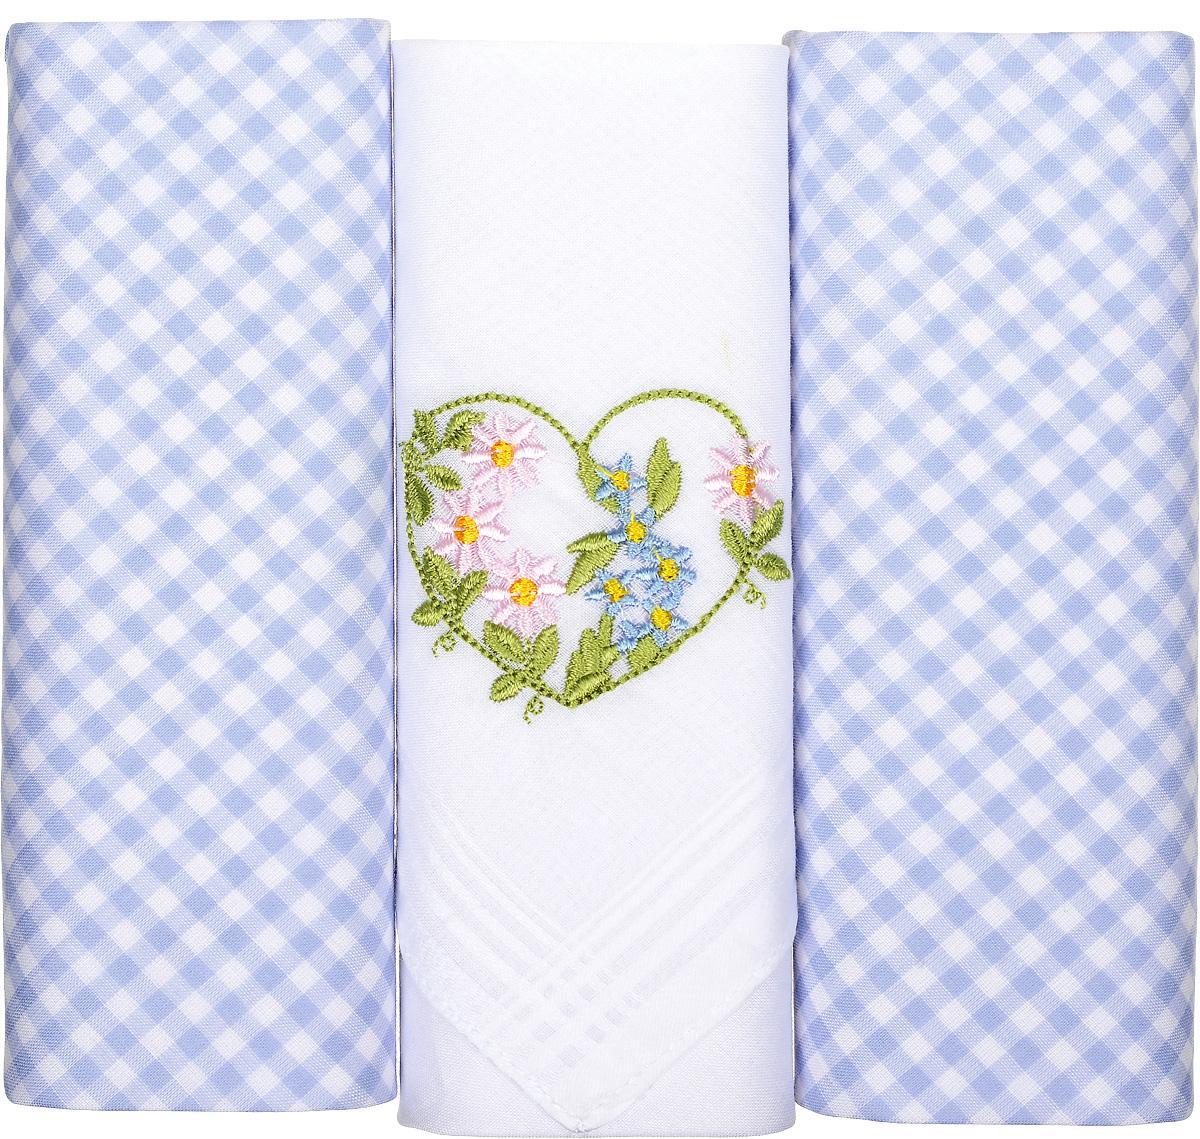 Платок носовой женский Zlata Korunka, цвет: белый, сиреневый, 3 шт. 90330-1. Размер 28 см х 28 см90330-1Небольшой женский носовой платок Zlata Korunka изготовлен из высококачественного натурального хлопка, благодаря чему приятен в использовании, хорошо стирается, не садится и отлично впитывает влагу. Практичный и изящный носовой платок будет незаменим в повседневной жизни любого современного человека. Такой платок послужит стильным аксессуаром и подчеркнет ваше превосходное чувство вкуса. В комплекте 3 платка.